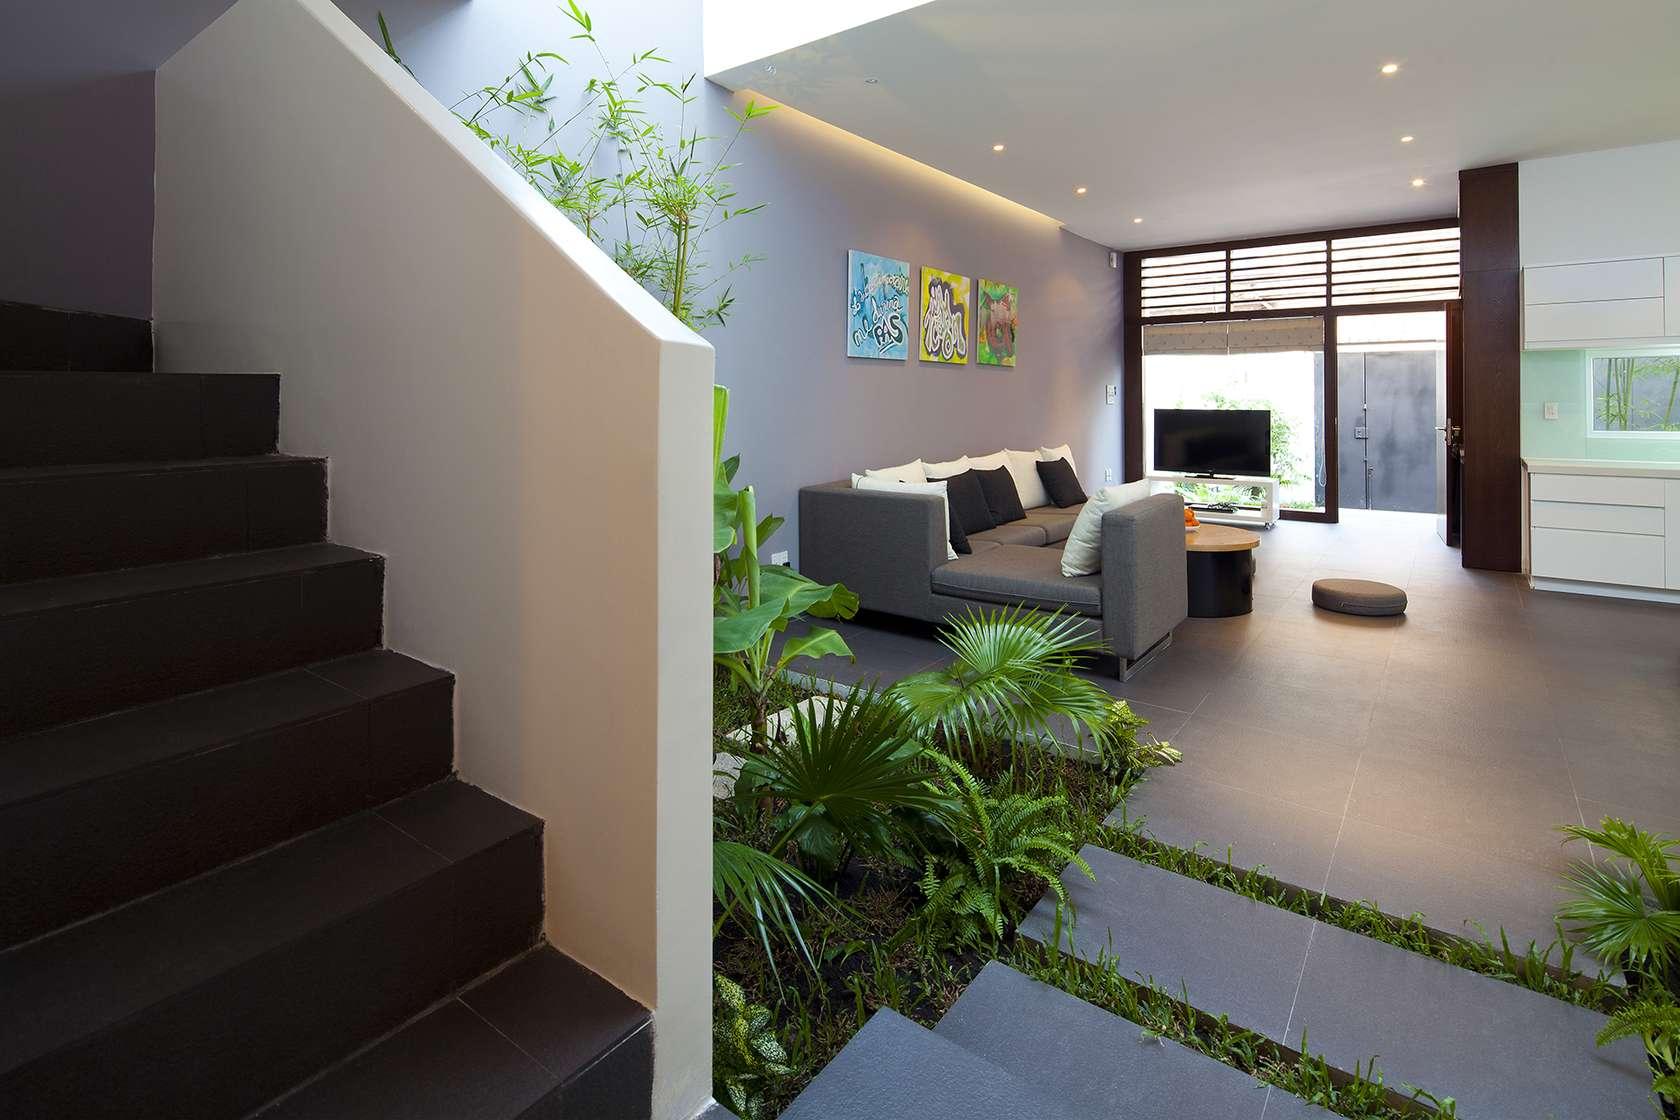 Растения помогут красиво декорировать помещение